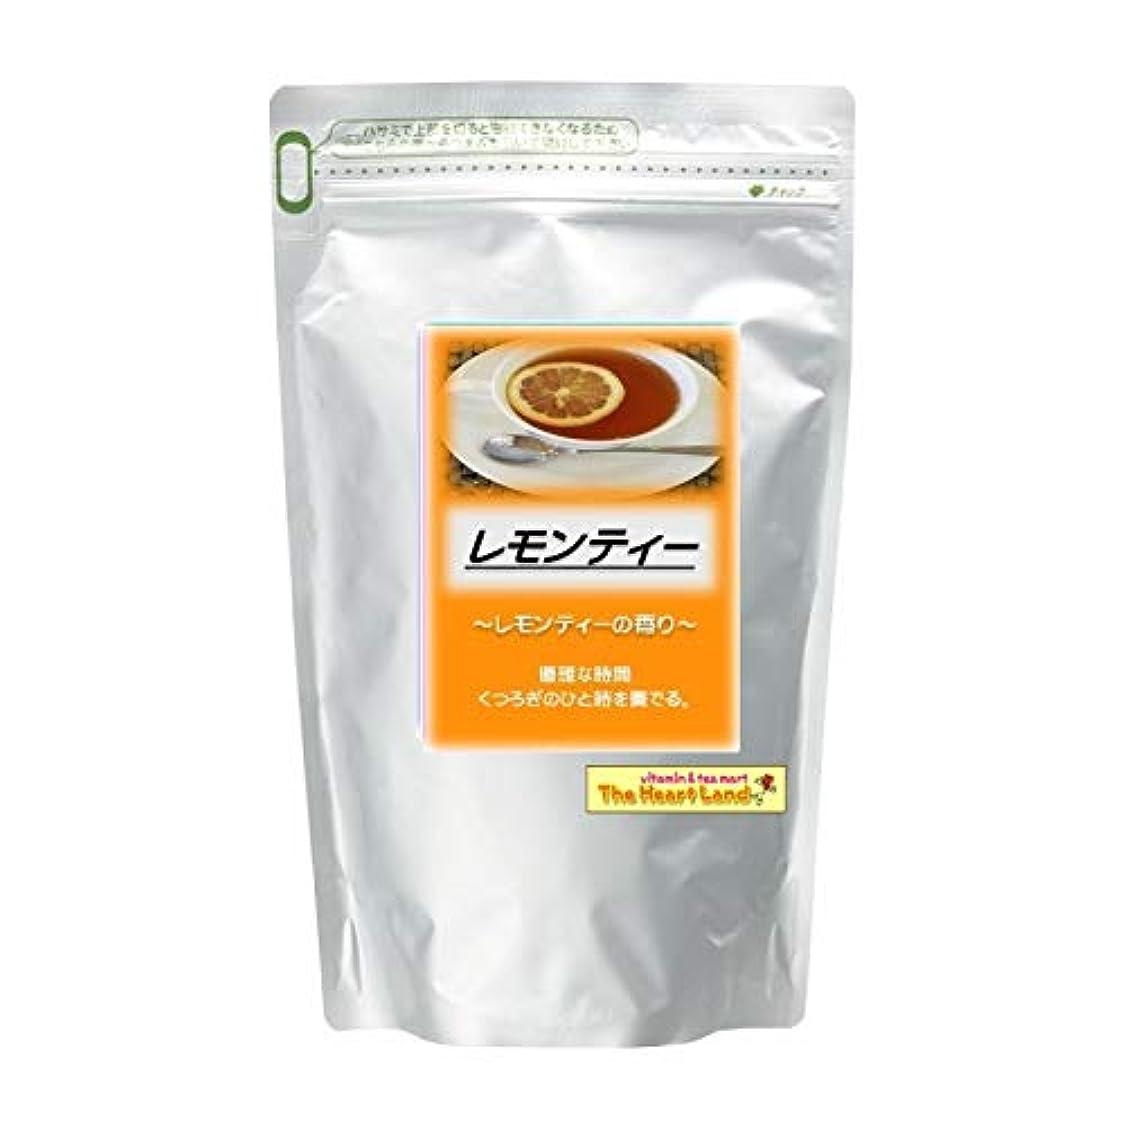 潜在的な真向こうロッジアサヒ入浴剤 浴用入浴化粧品 レモンティー 2.5kg